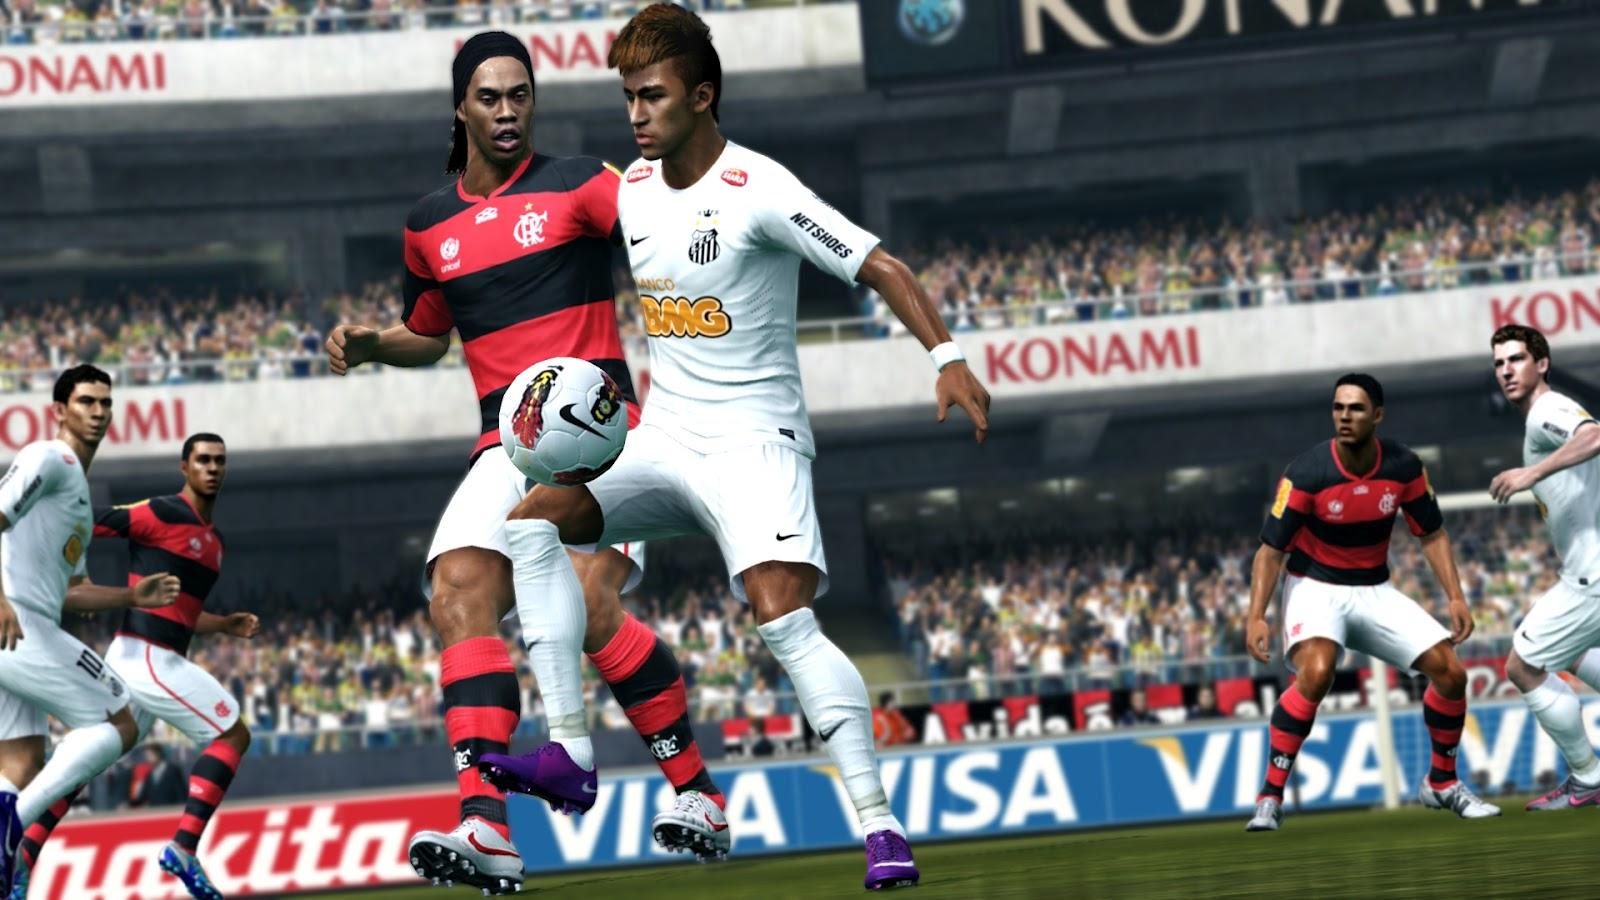 Pro Evolution Soccer 2013 Free Download